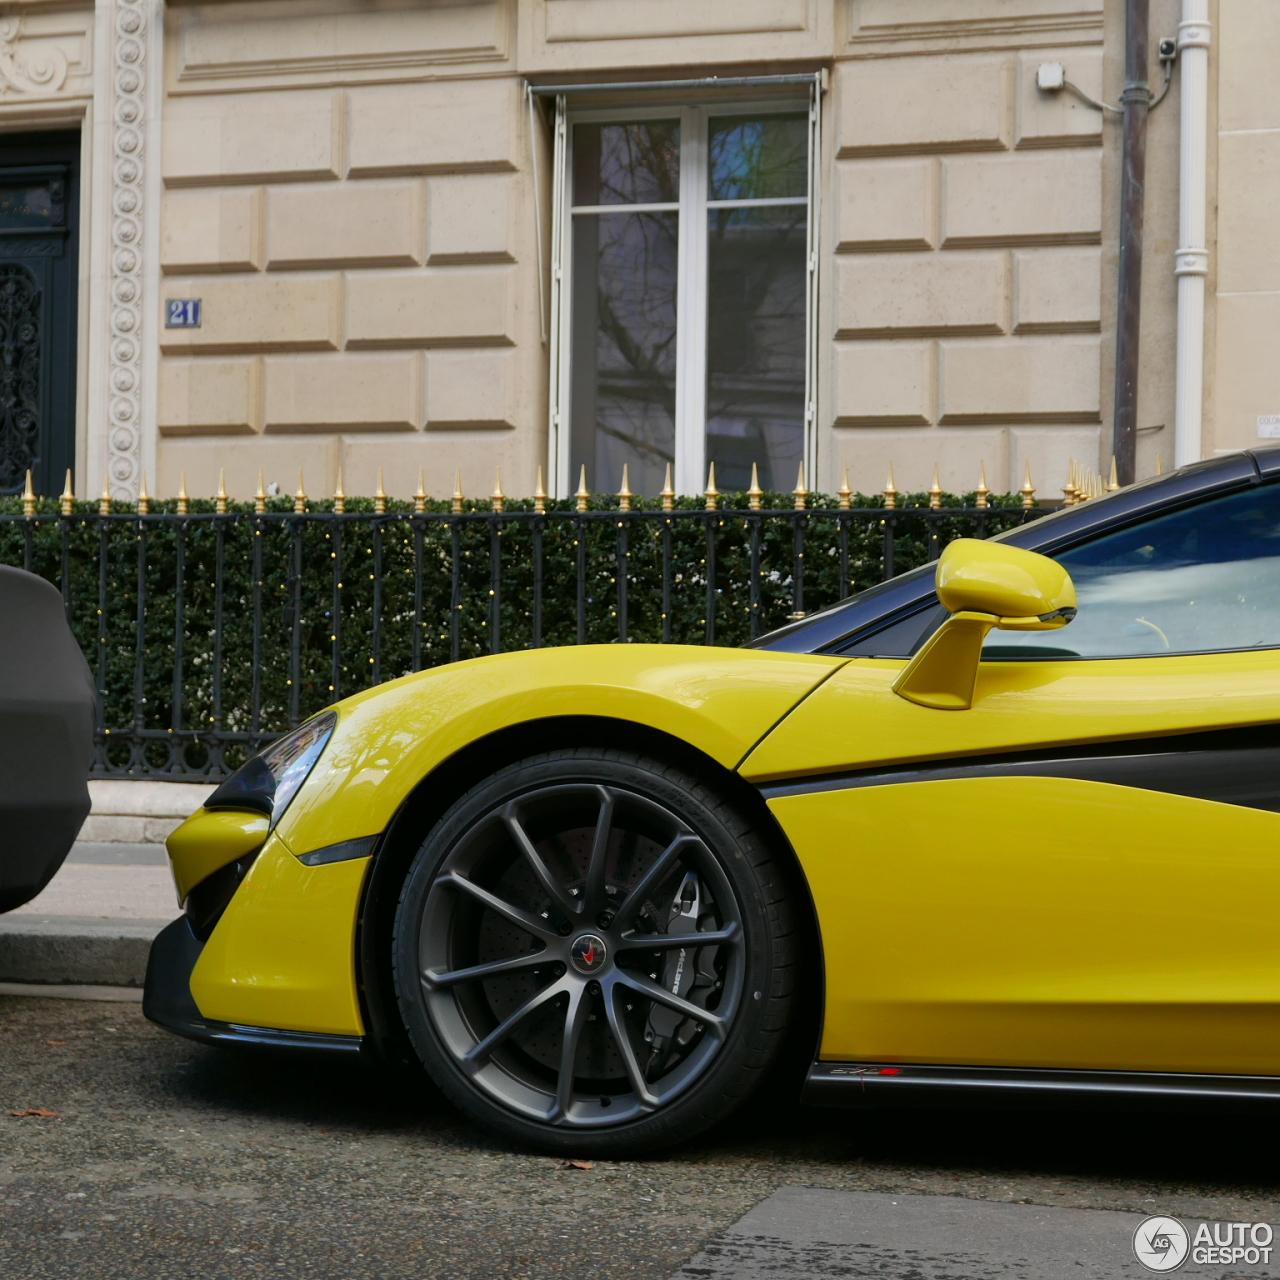 2017 Mclaren 570s Camshaft: McLaren 570S Spider